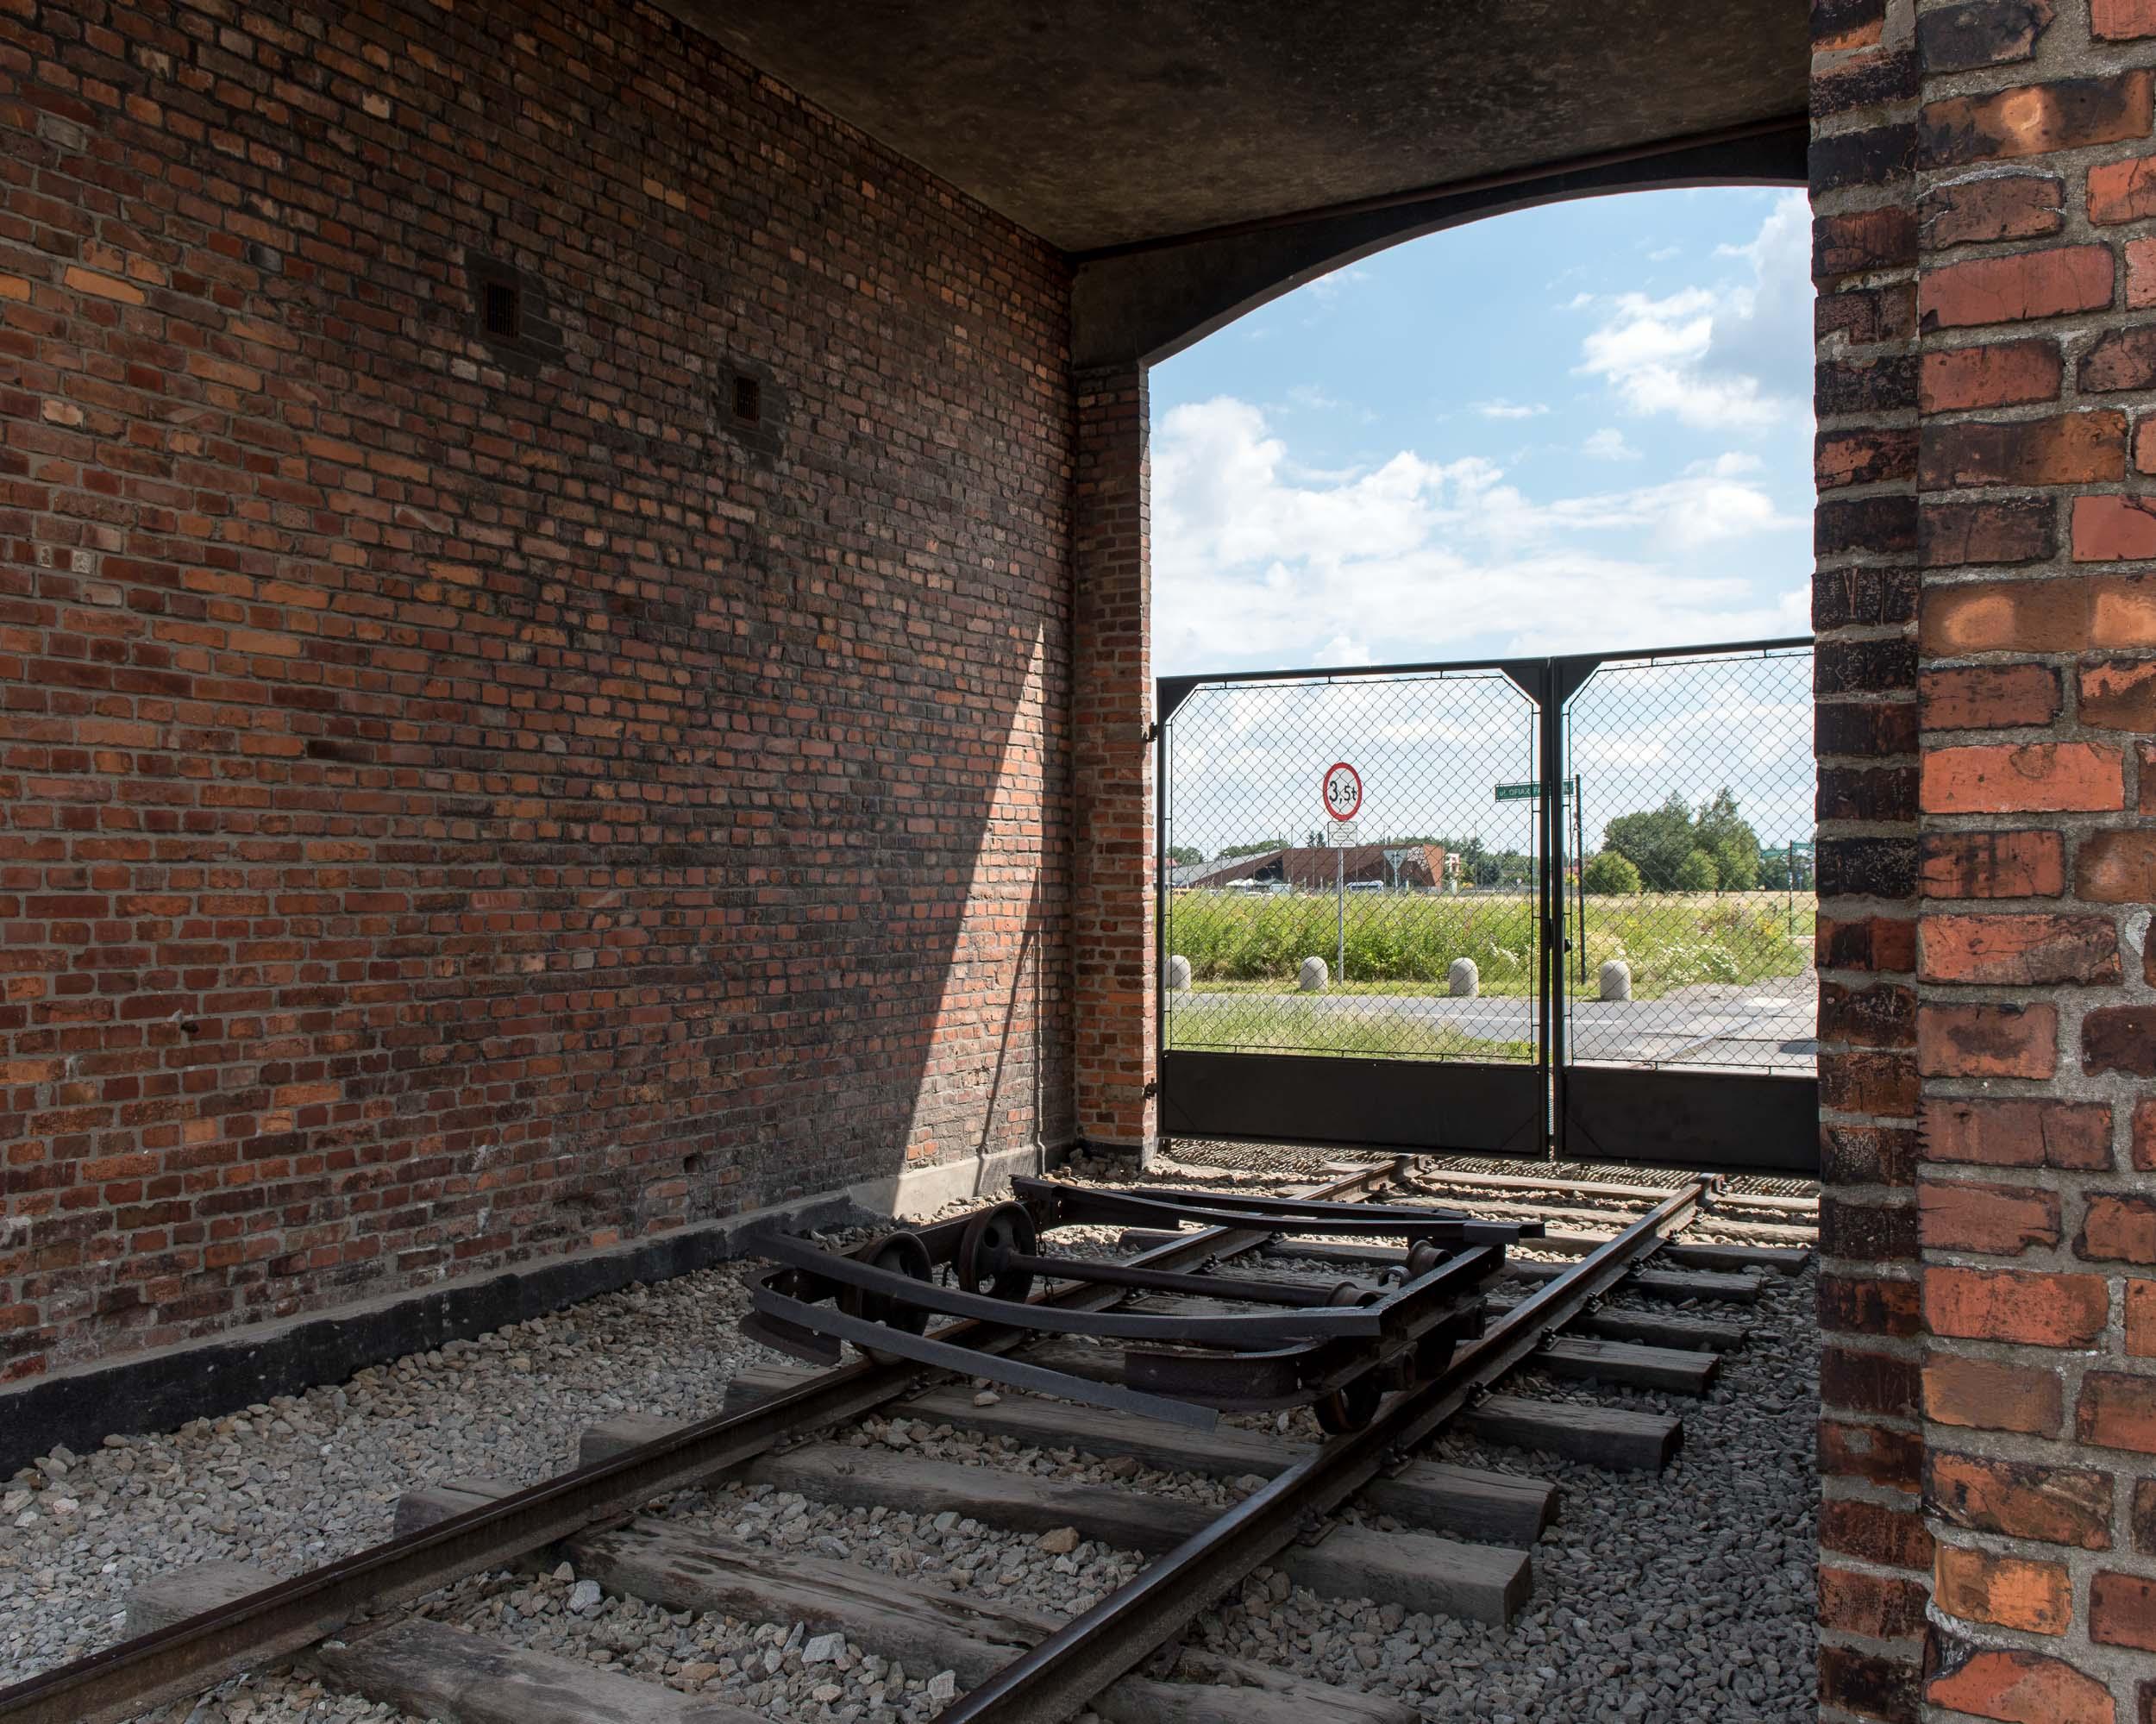 Entrance to Auschwitz-Birkenau II